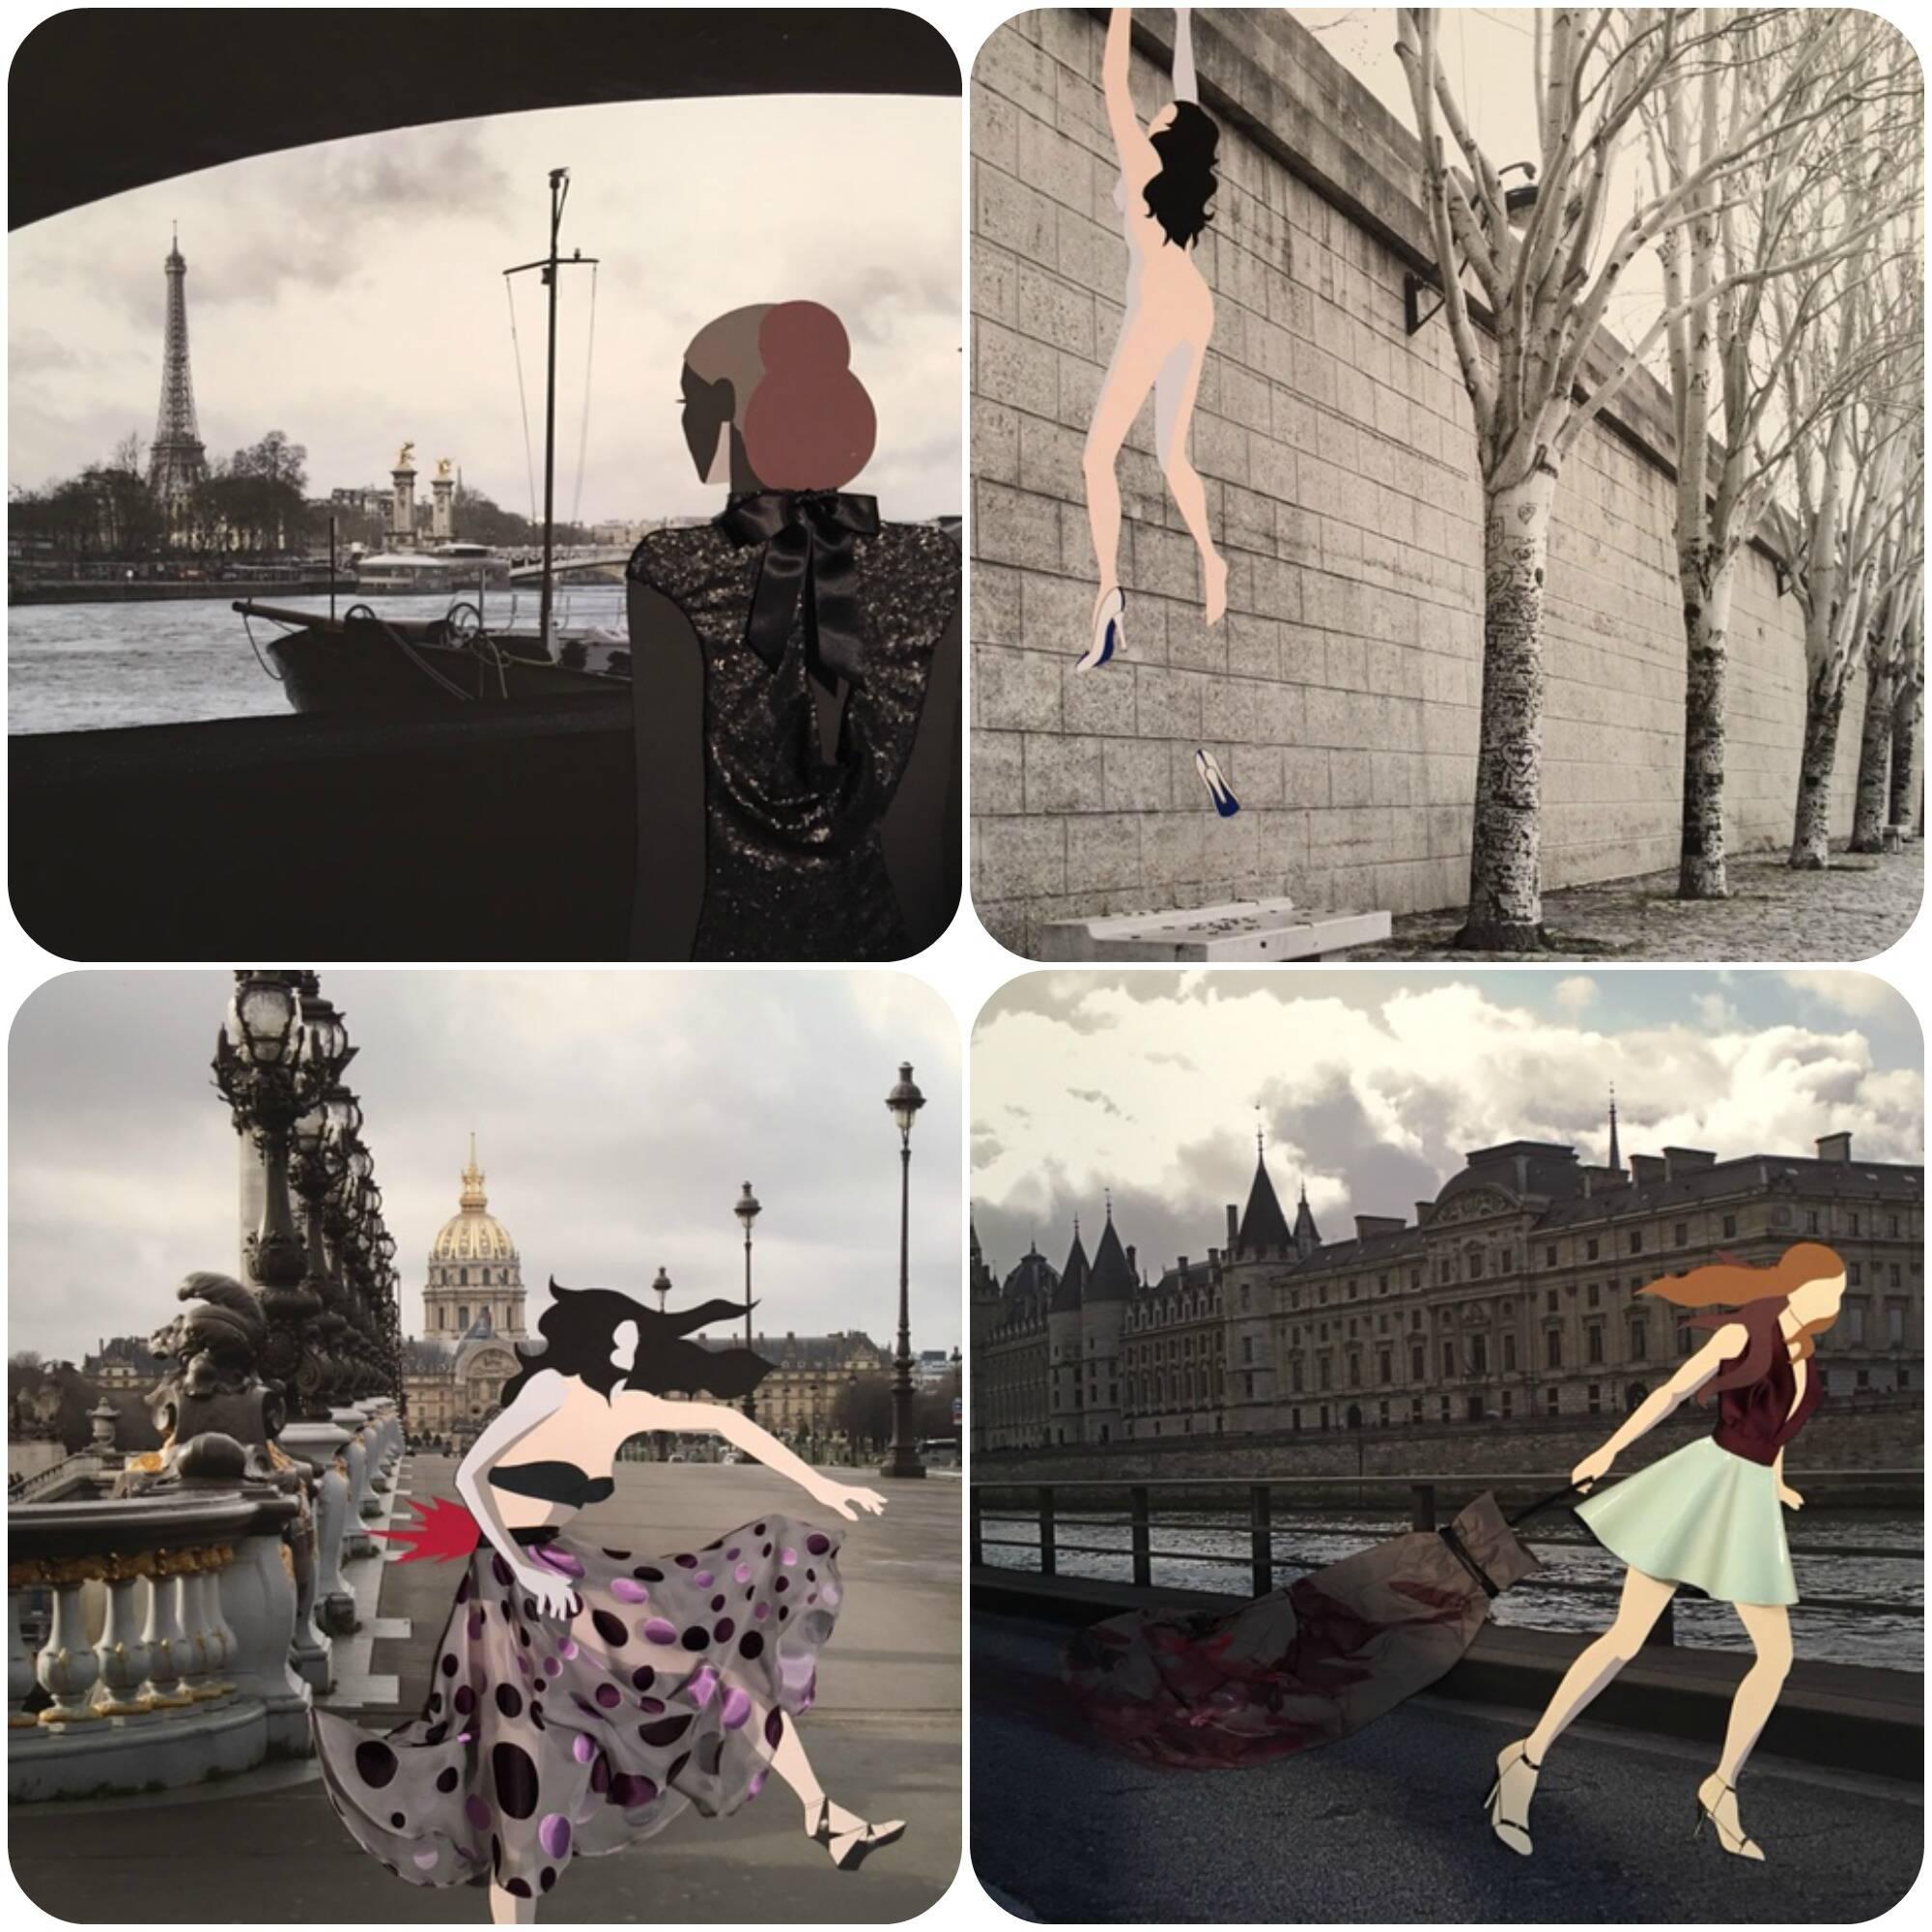 Fotografia, colagem e moda: ideia genial do artista brasileiro Ricardo Fernandes em parceria com o Centre Culturel Cloitre des Bilettes, em Paris